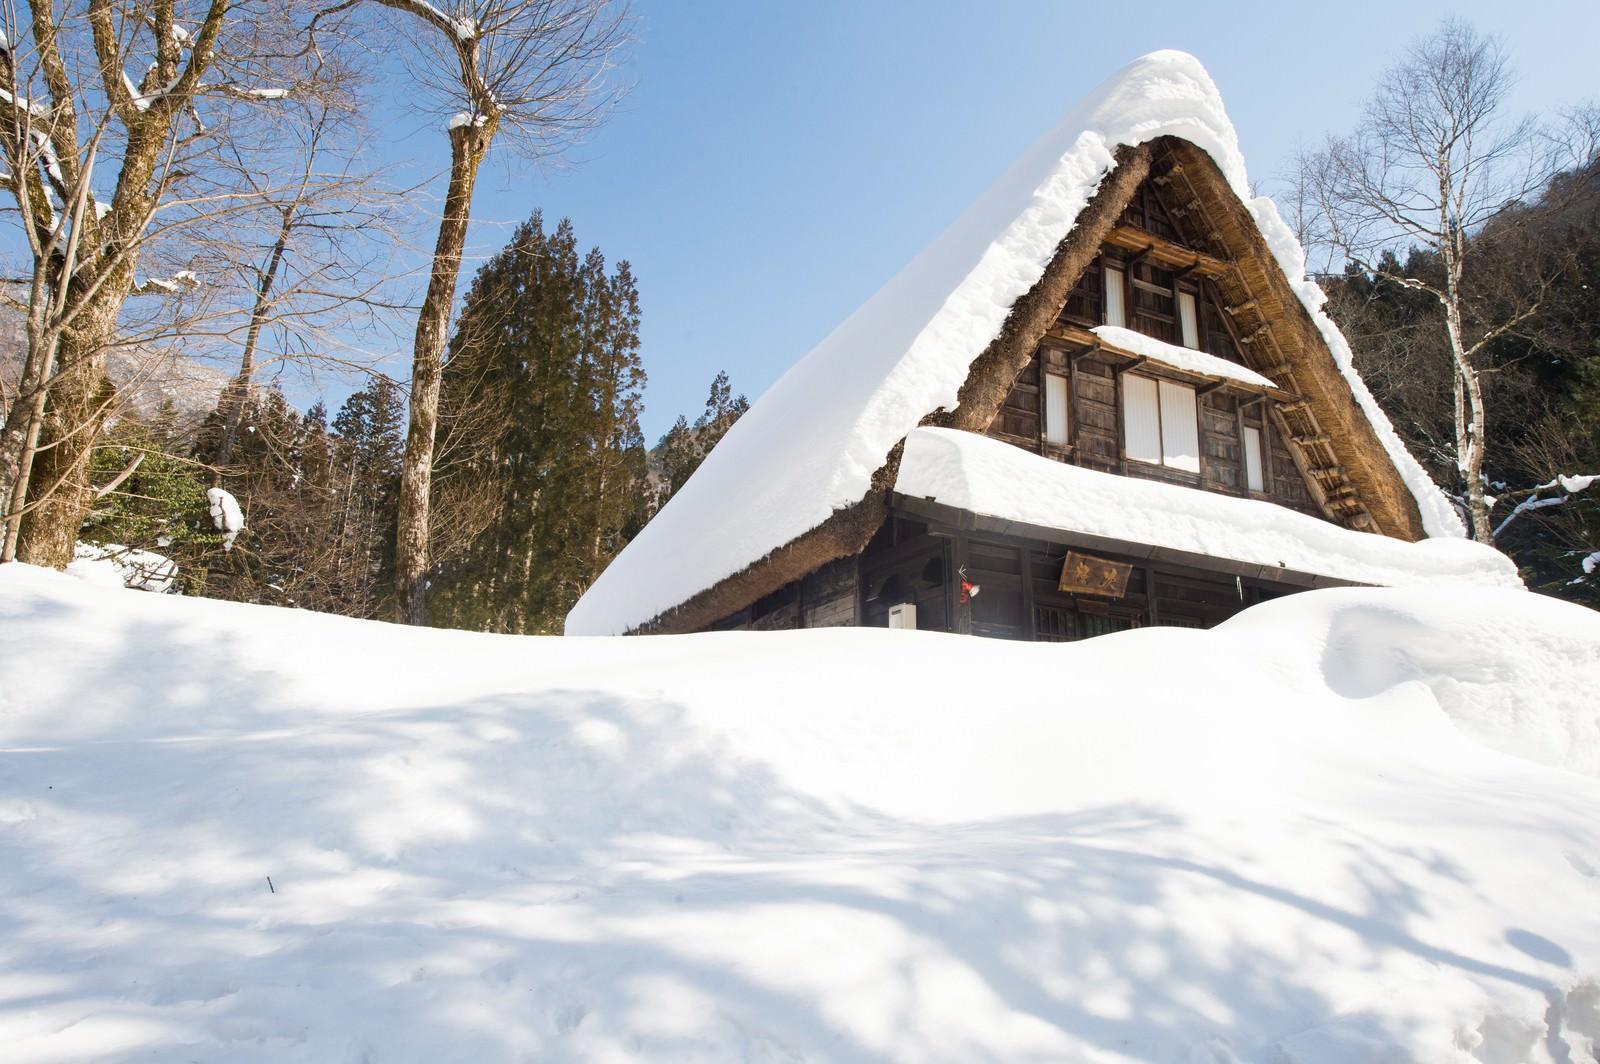 「豪雪地帯に似合う風情ある合掌造りの平湯民俗館」の写真